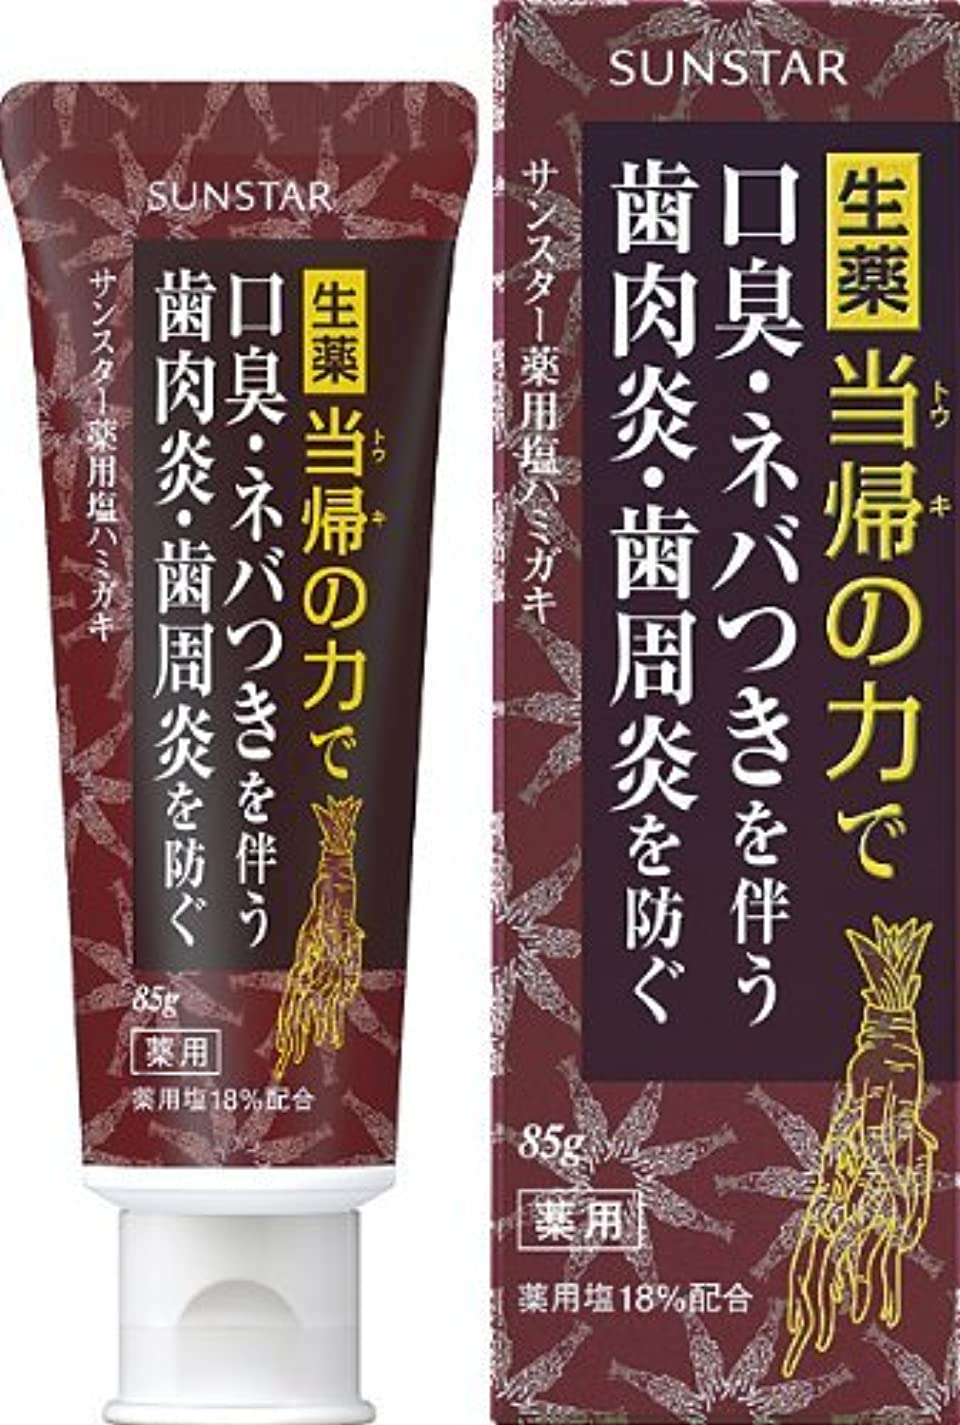 受け入れ磨かれたあいまいさサンスター 薬用塩ハミガキ 85g (医薬部外品)